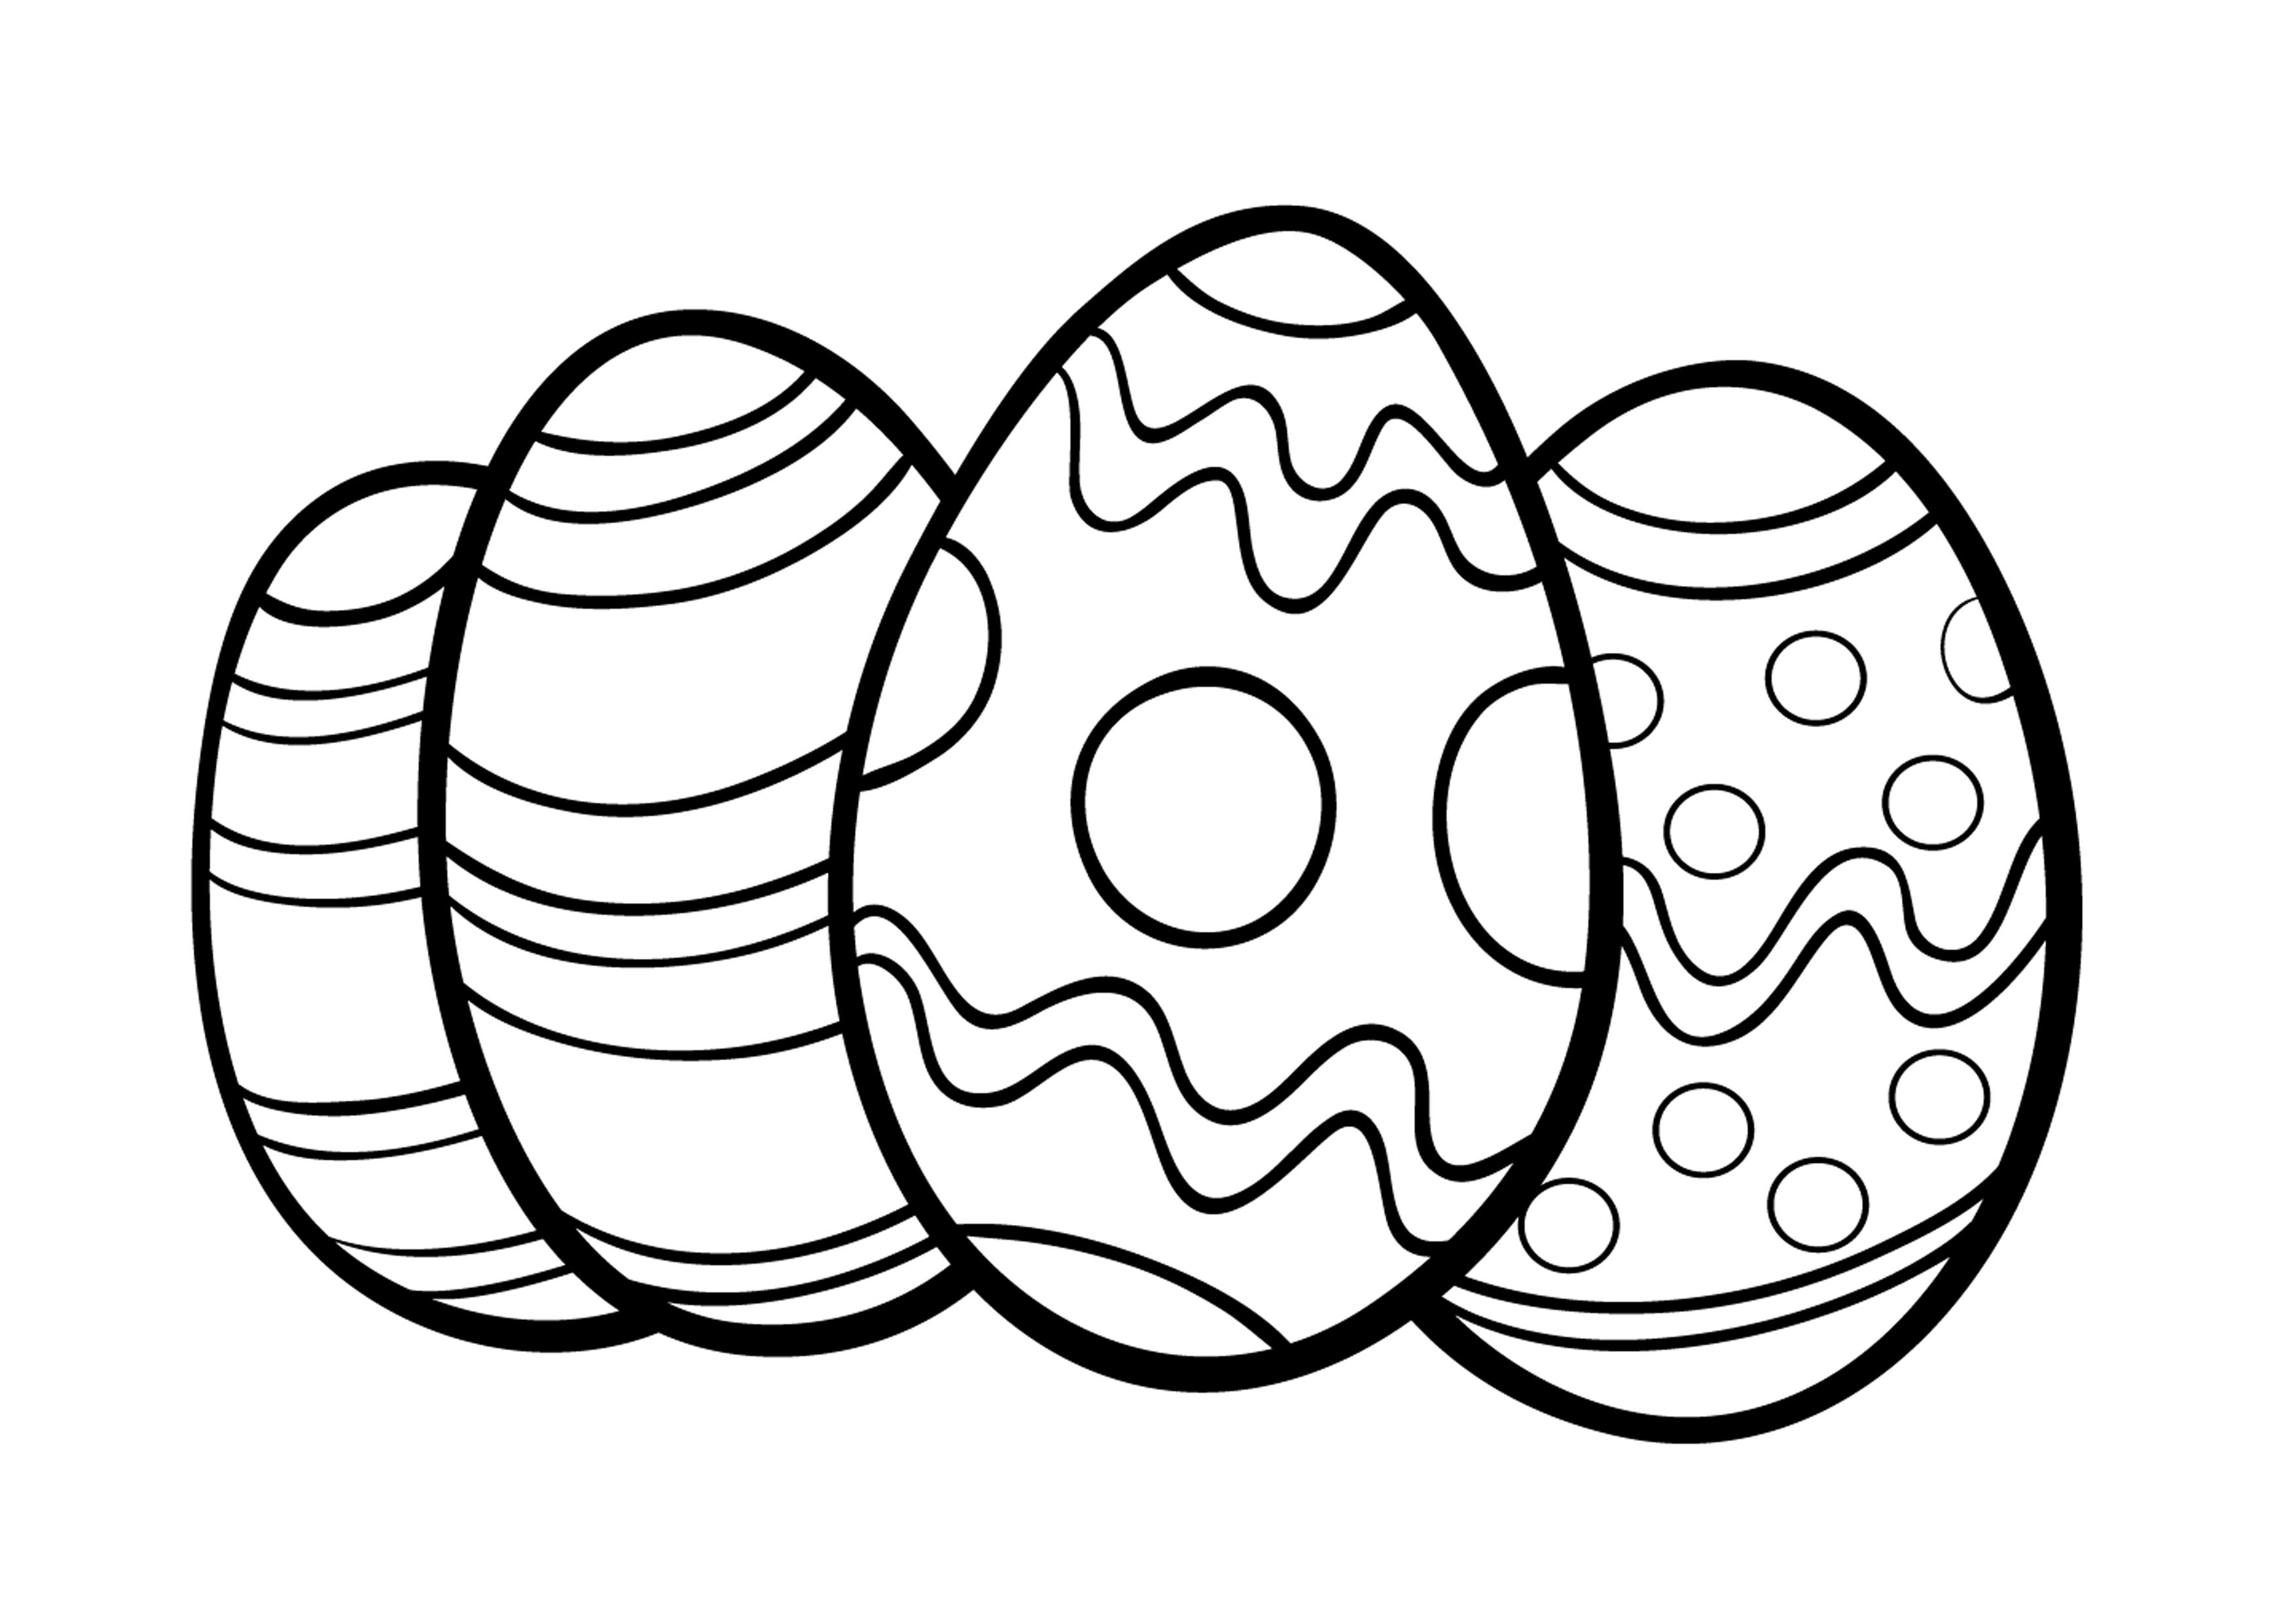 Kolorowanki Komiksy Do Druku Za Darmo Dla Dzieci I: święta Wielkanocne